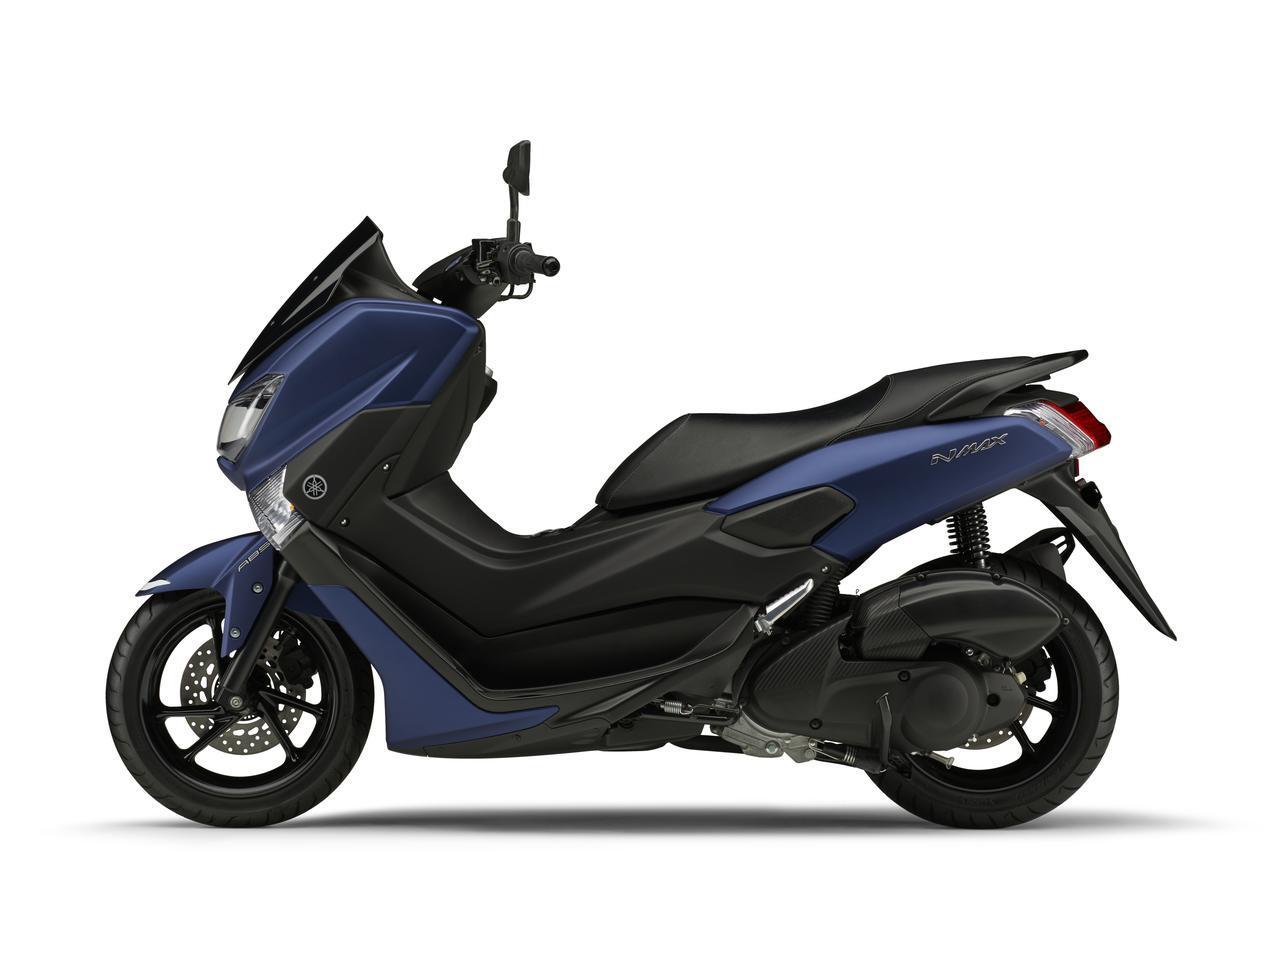 画像4: ヤマハ「NMAX ABS」(2020年)解説&試乗インプレ|YAMAHAで最も高価な125cc二輪スクーターの魅力とは?